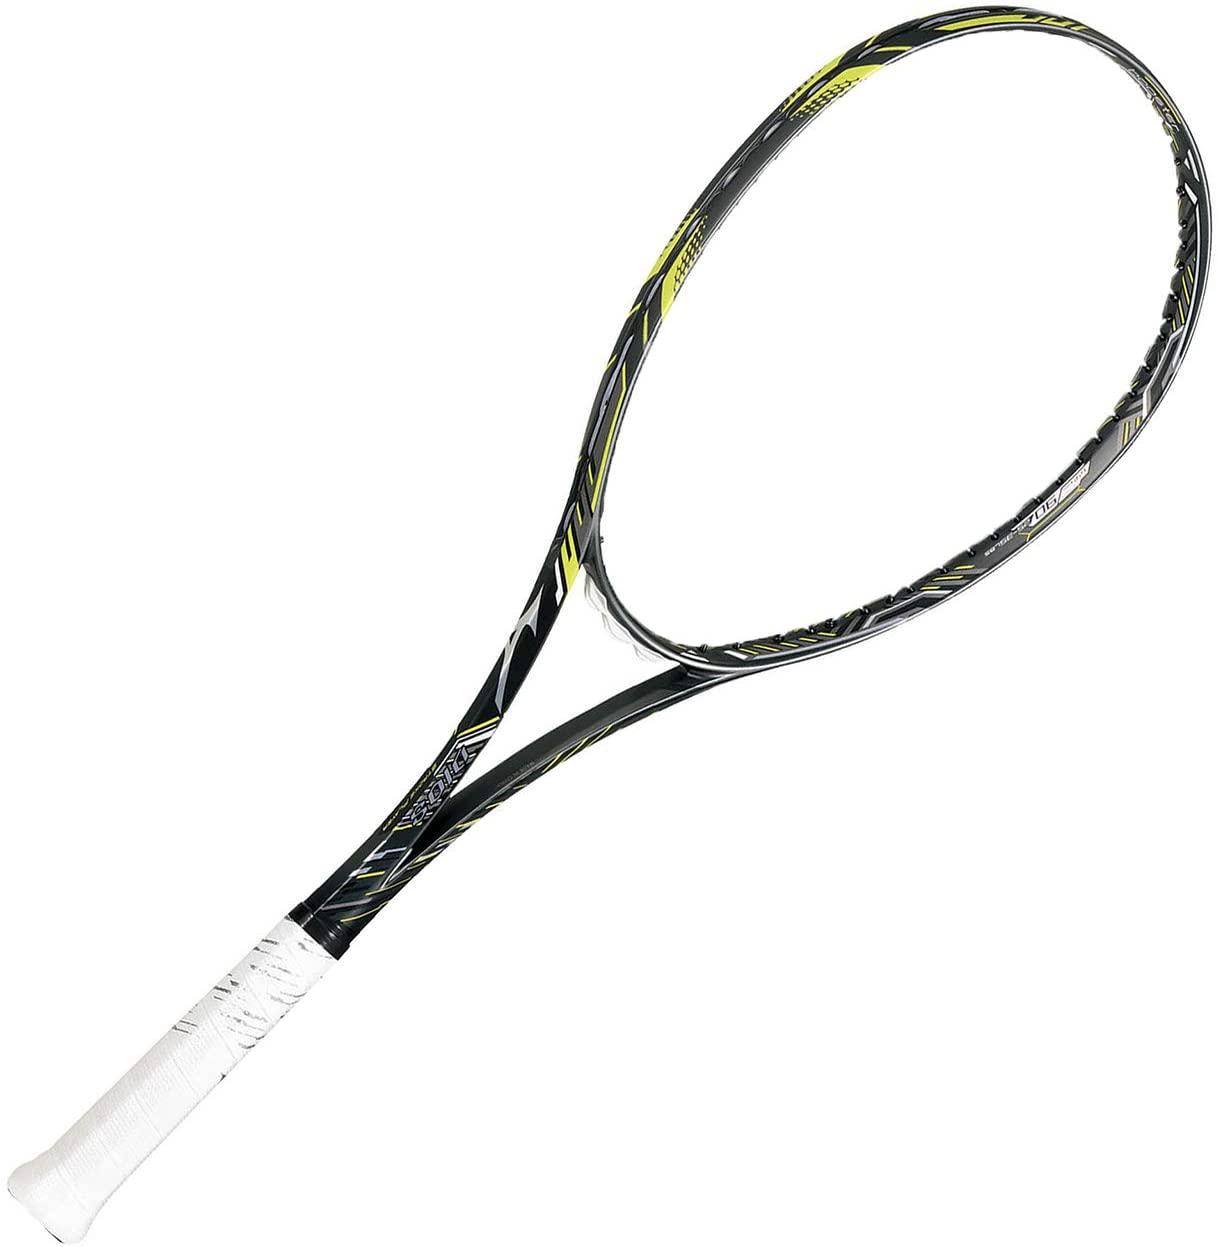 ソフトテニスラケットのおすすめ13選!初心者向けのオールラウンドも